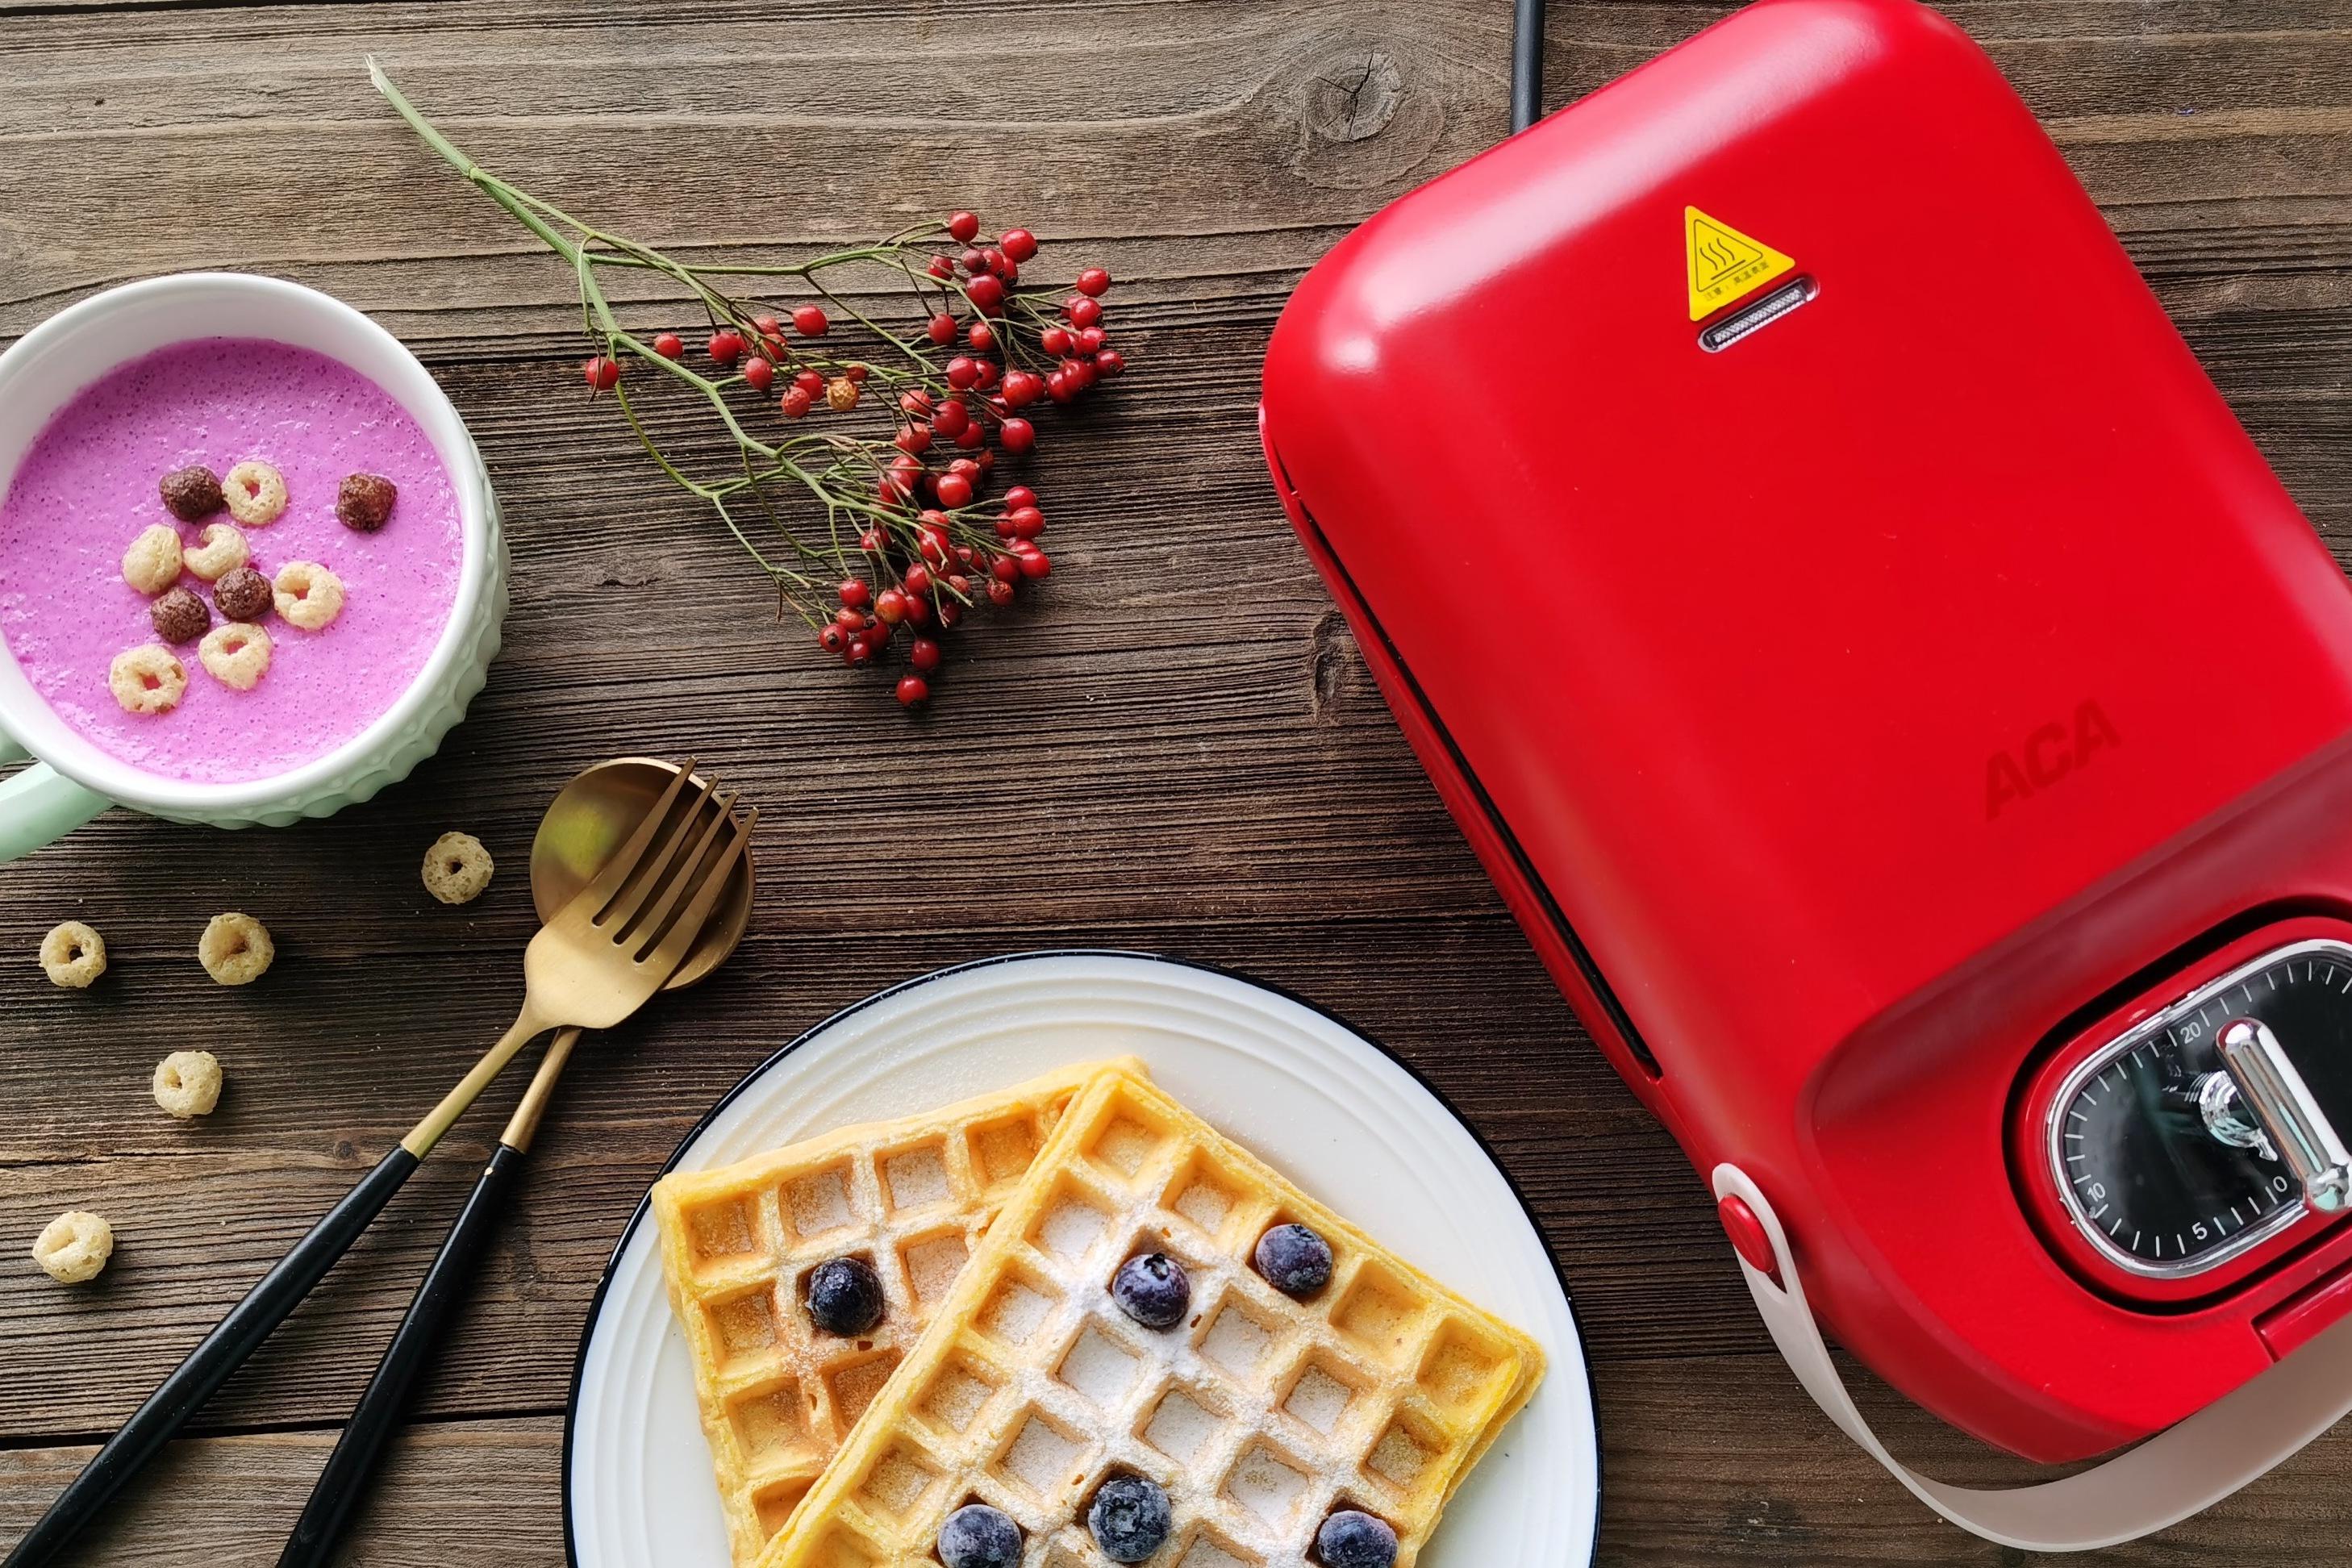 懒人必备的早餐神器,做健康早餐再也不用早起